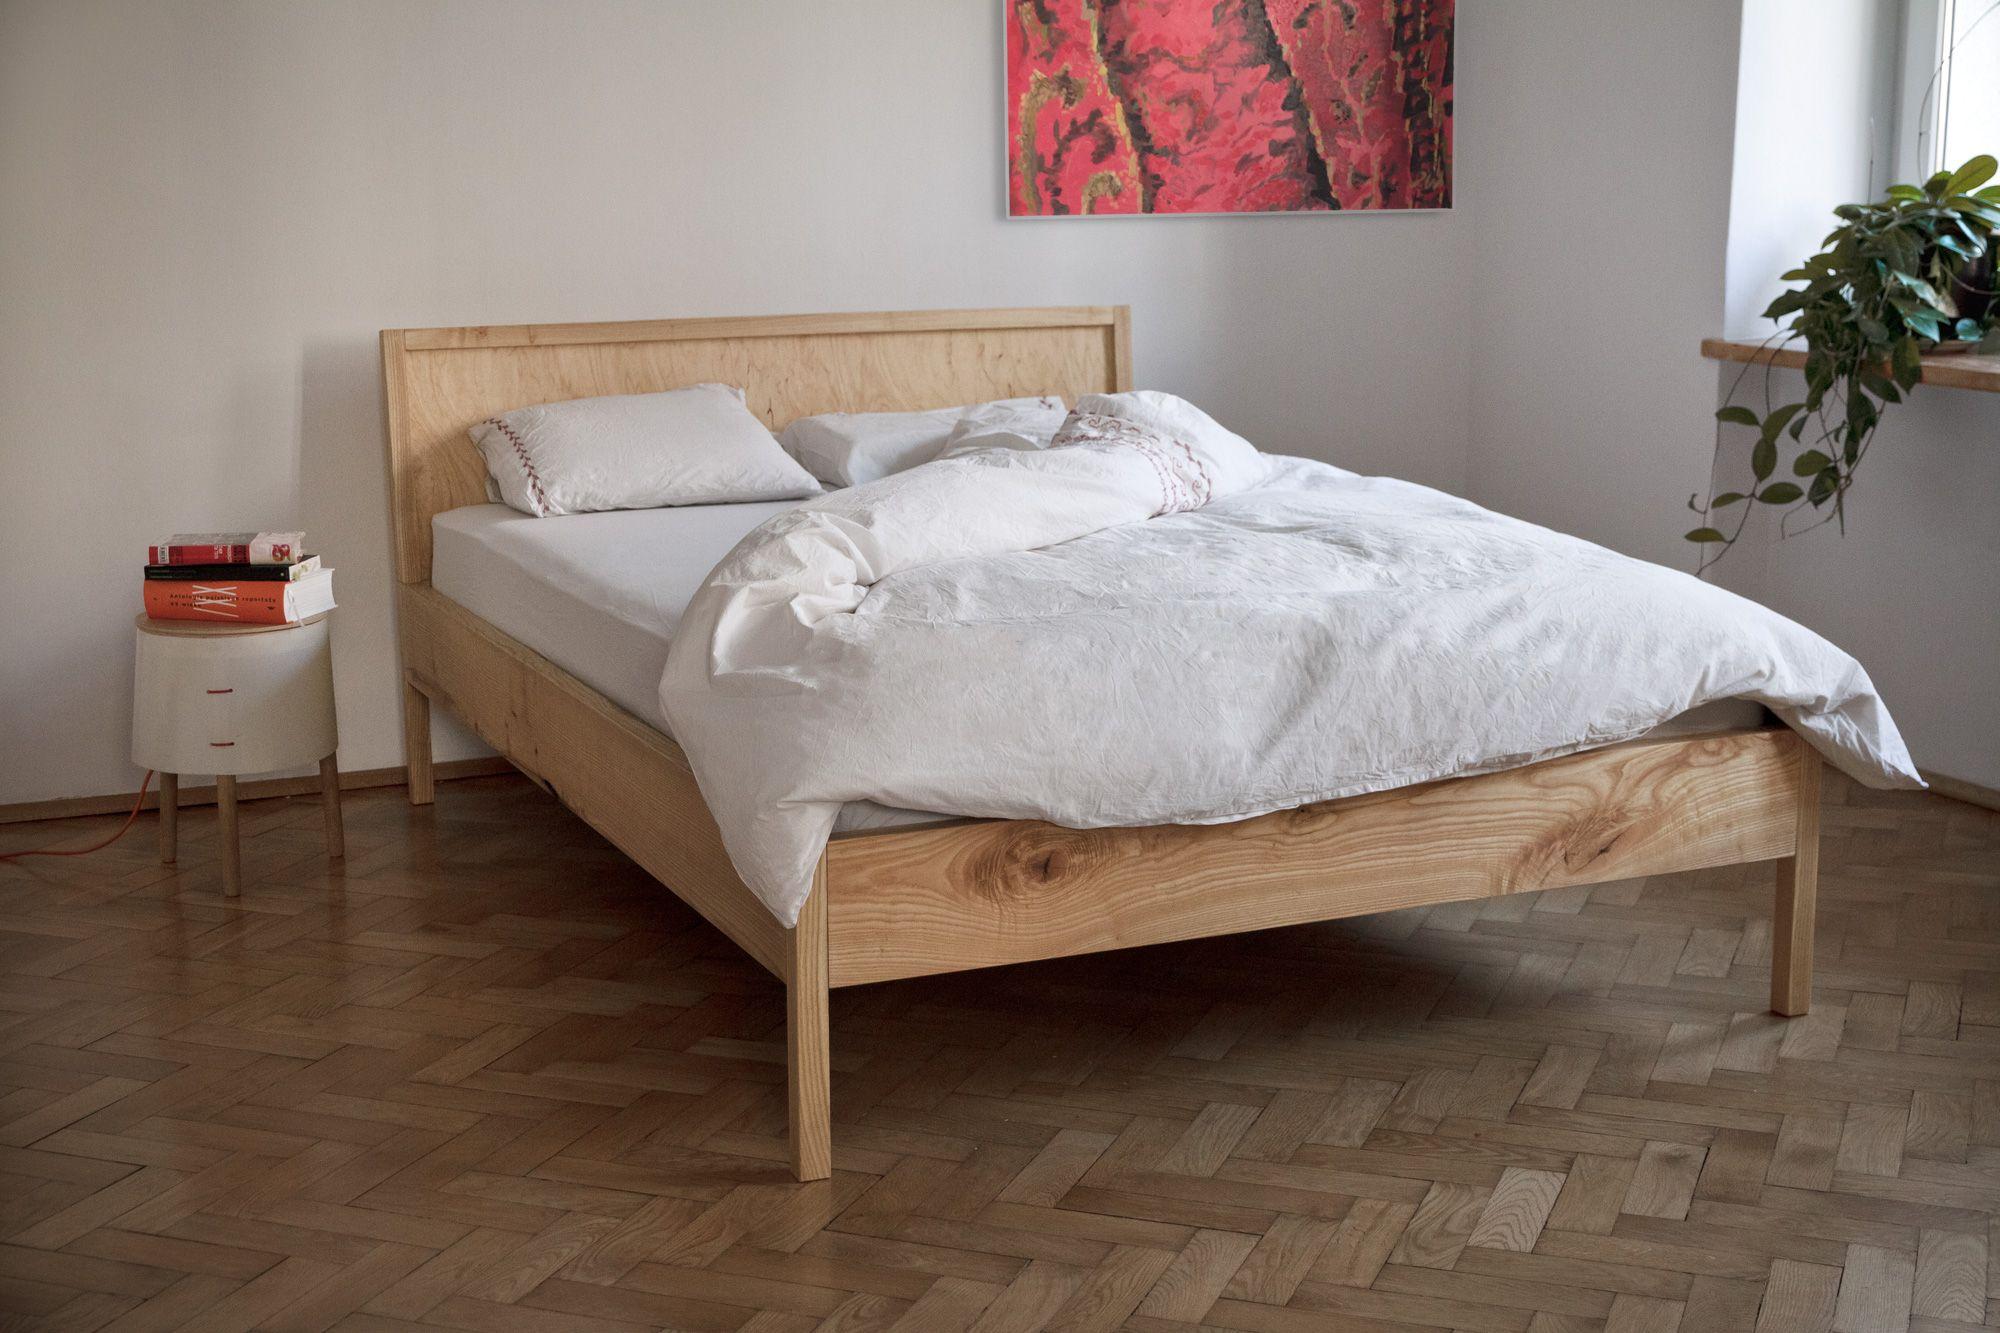 Natt Bed  Studio Robot, The Direct Inspiration For The